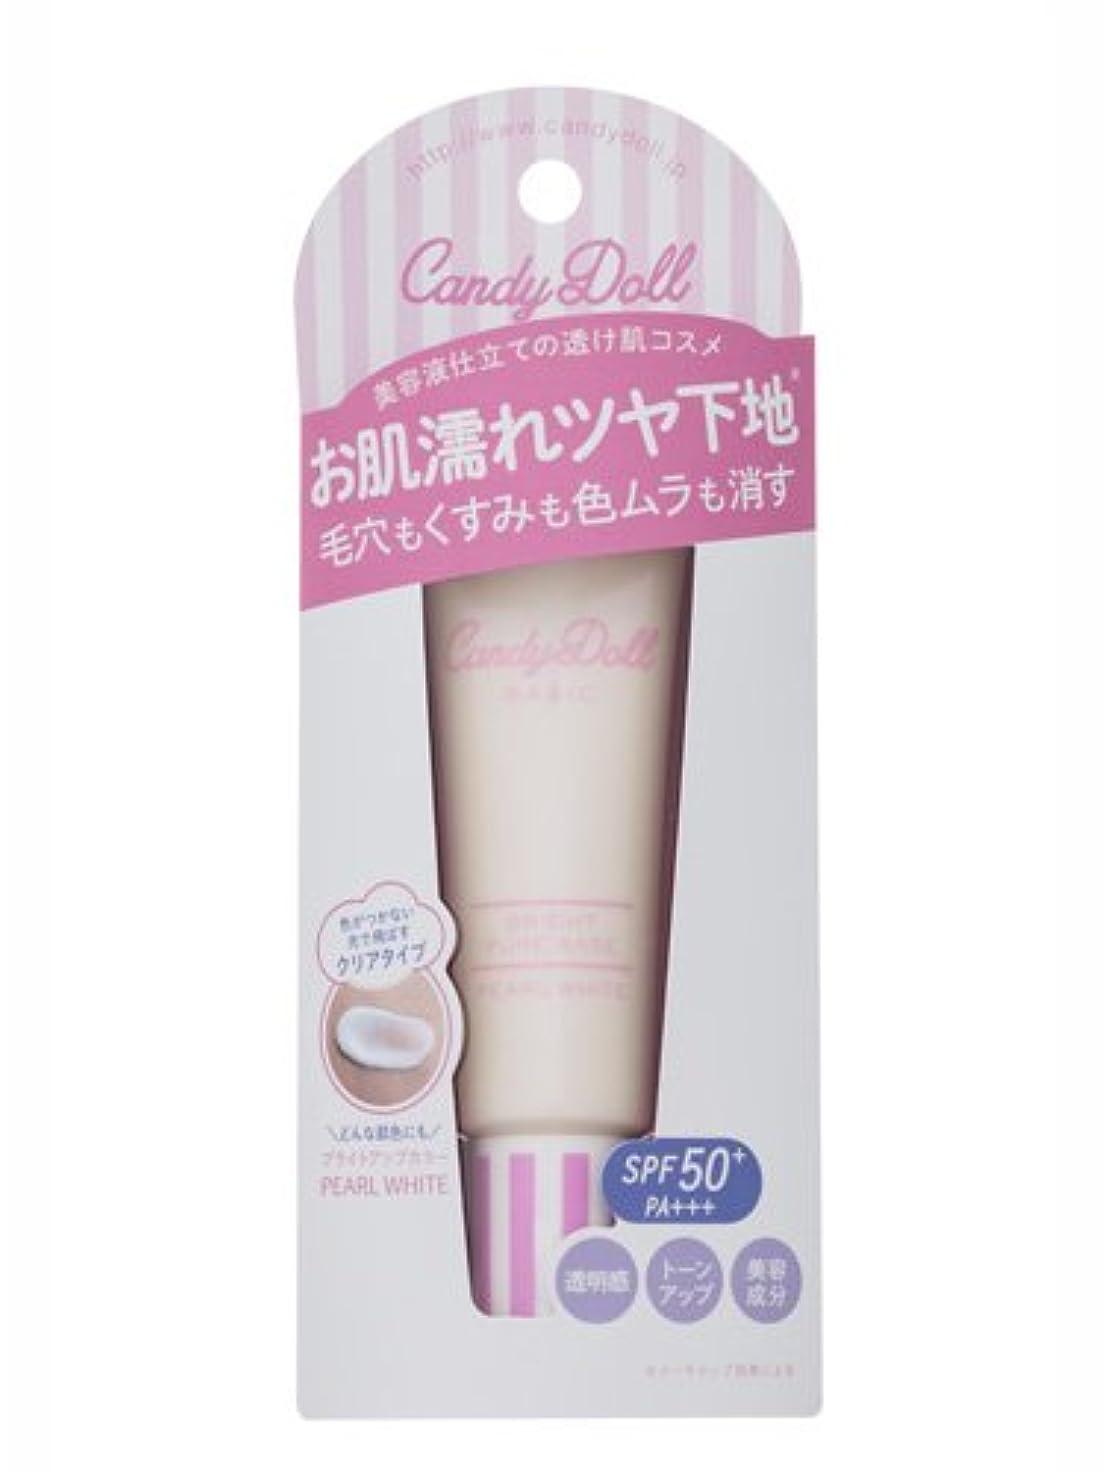 についてくすぐったい誘導CandyDoll ブライトピュアベース<パールホワイト>